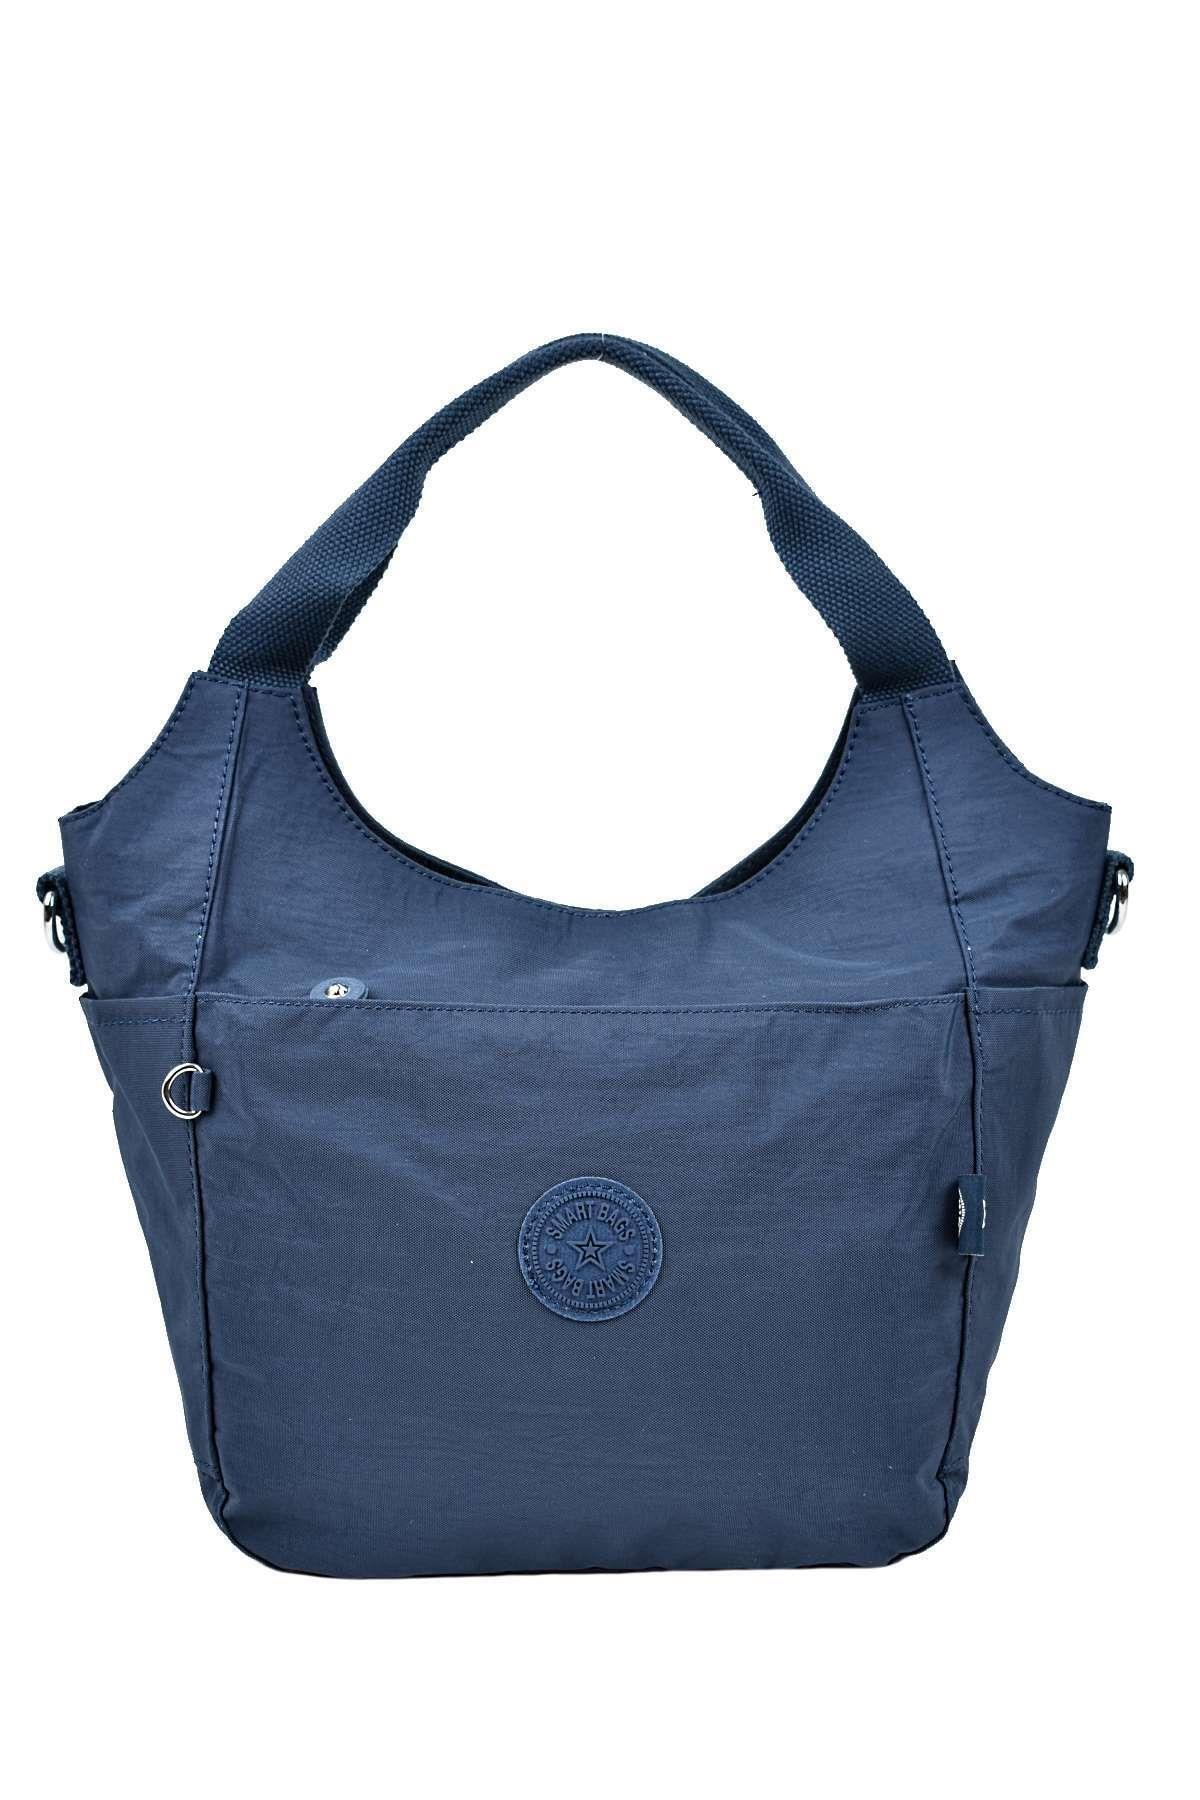 SMART BAGS Omuz Ve El Çantası Lacivert 3079 1